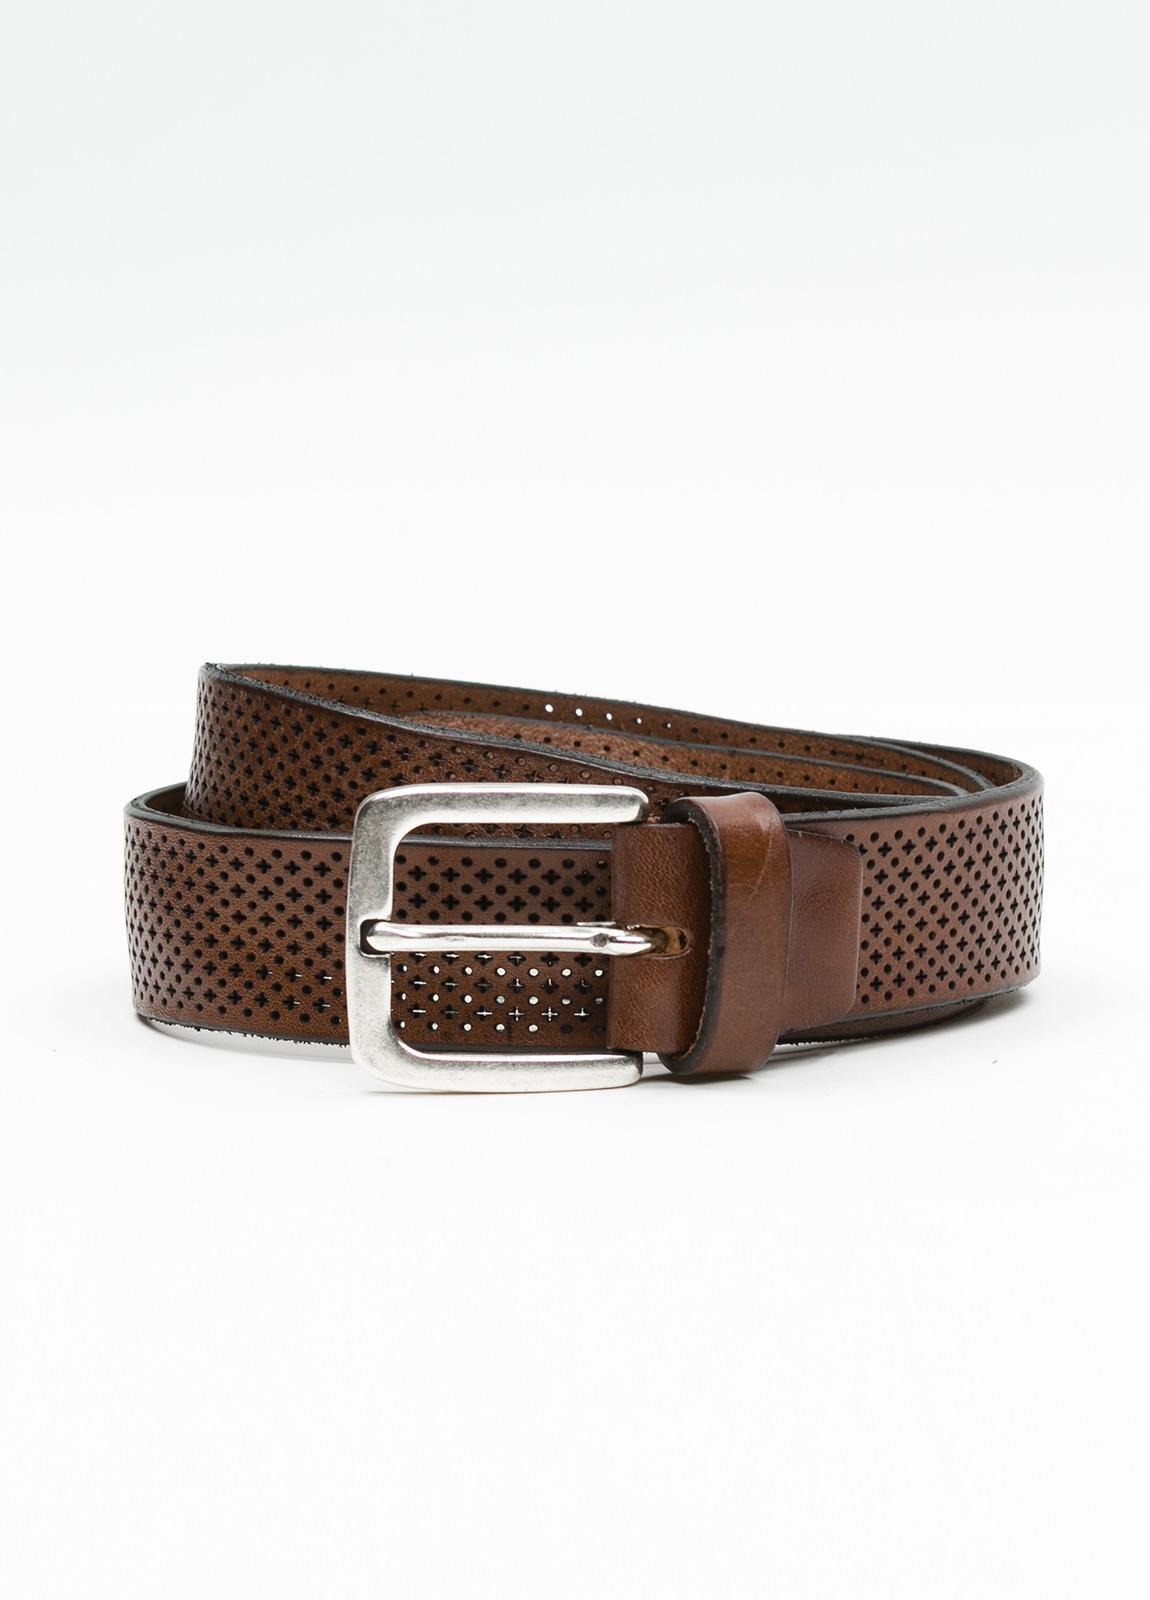 Cinturón sport dibujo perforado color marrón. 100% Piel.